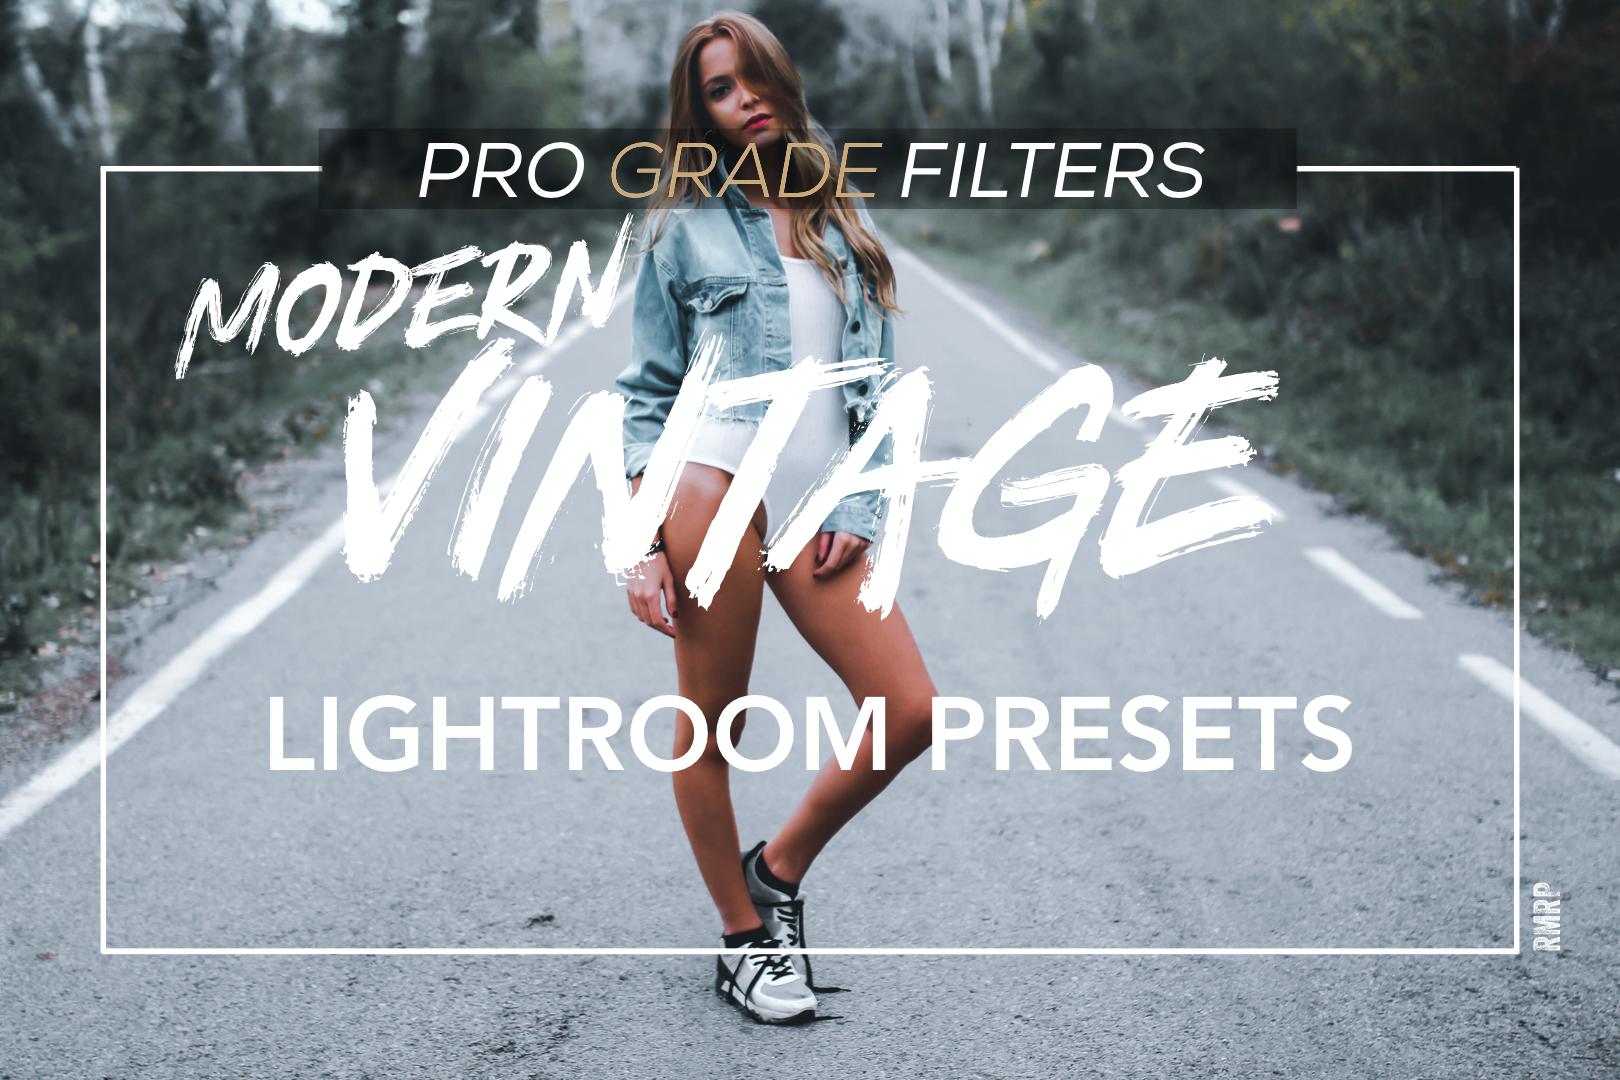 Pro Grade Filters modern vintage bundle with mobile presets